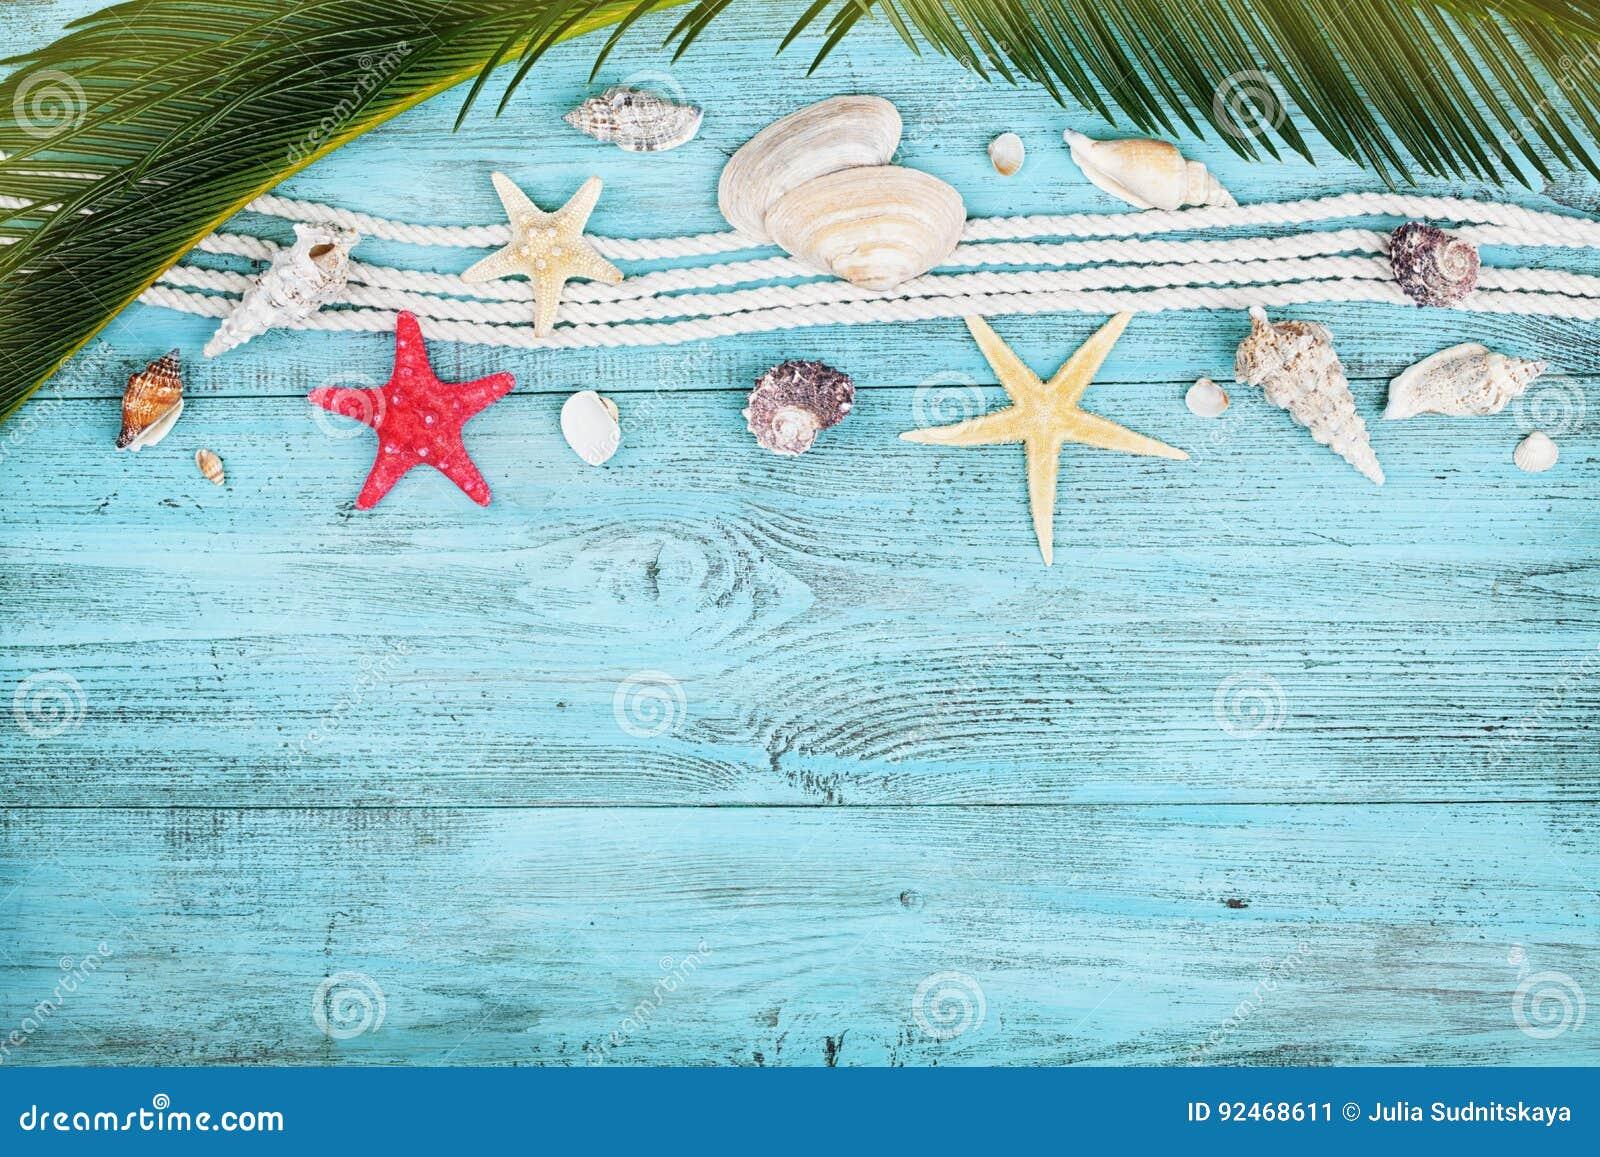 Palmblätter, Seil, Muschel und Starfish auf blauer Draufsicht des Holztischs in der Ebene legen Art Sommerferien, Reise und Ferie